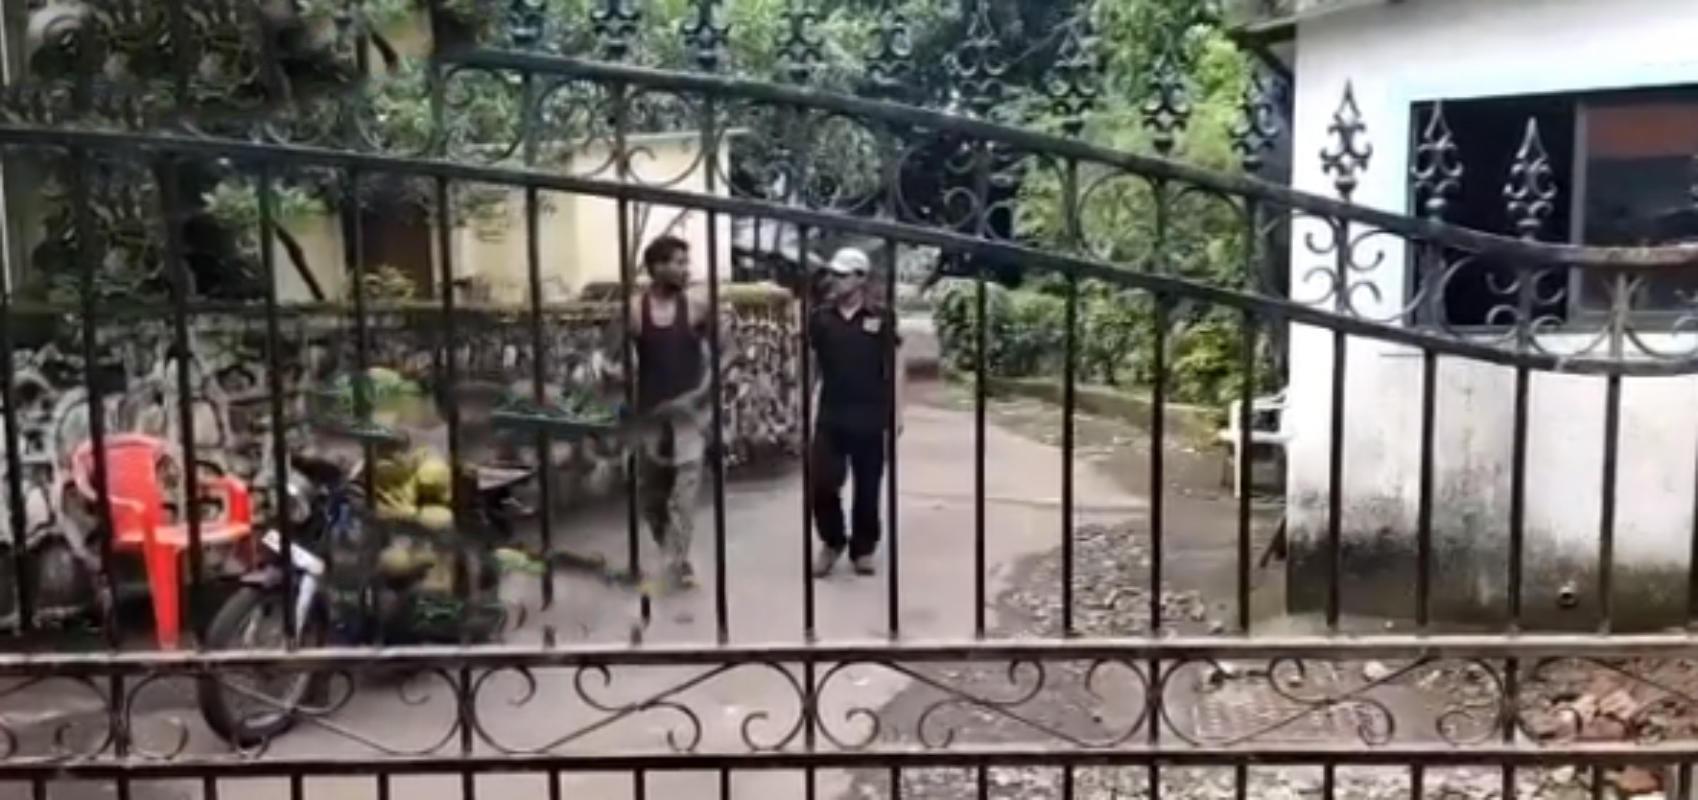 Sandalwood drug case: Bengaluru cops searching for Aditya Alva raid Vivek Oberoi's Mumbai residence